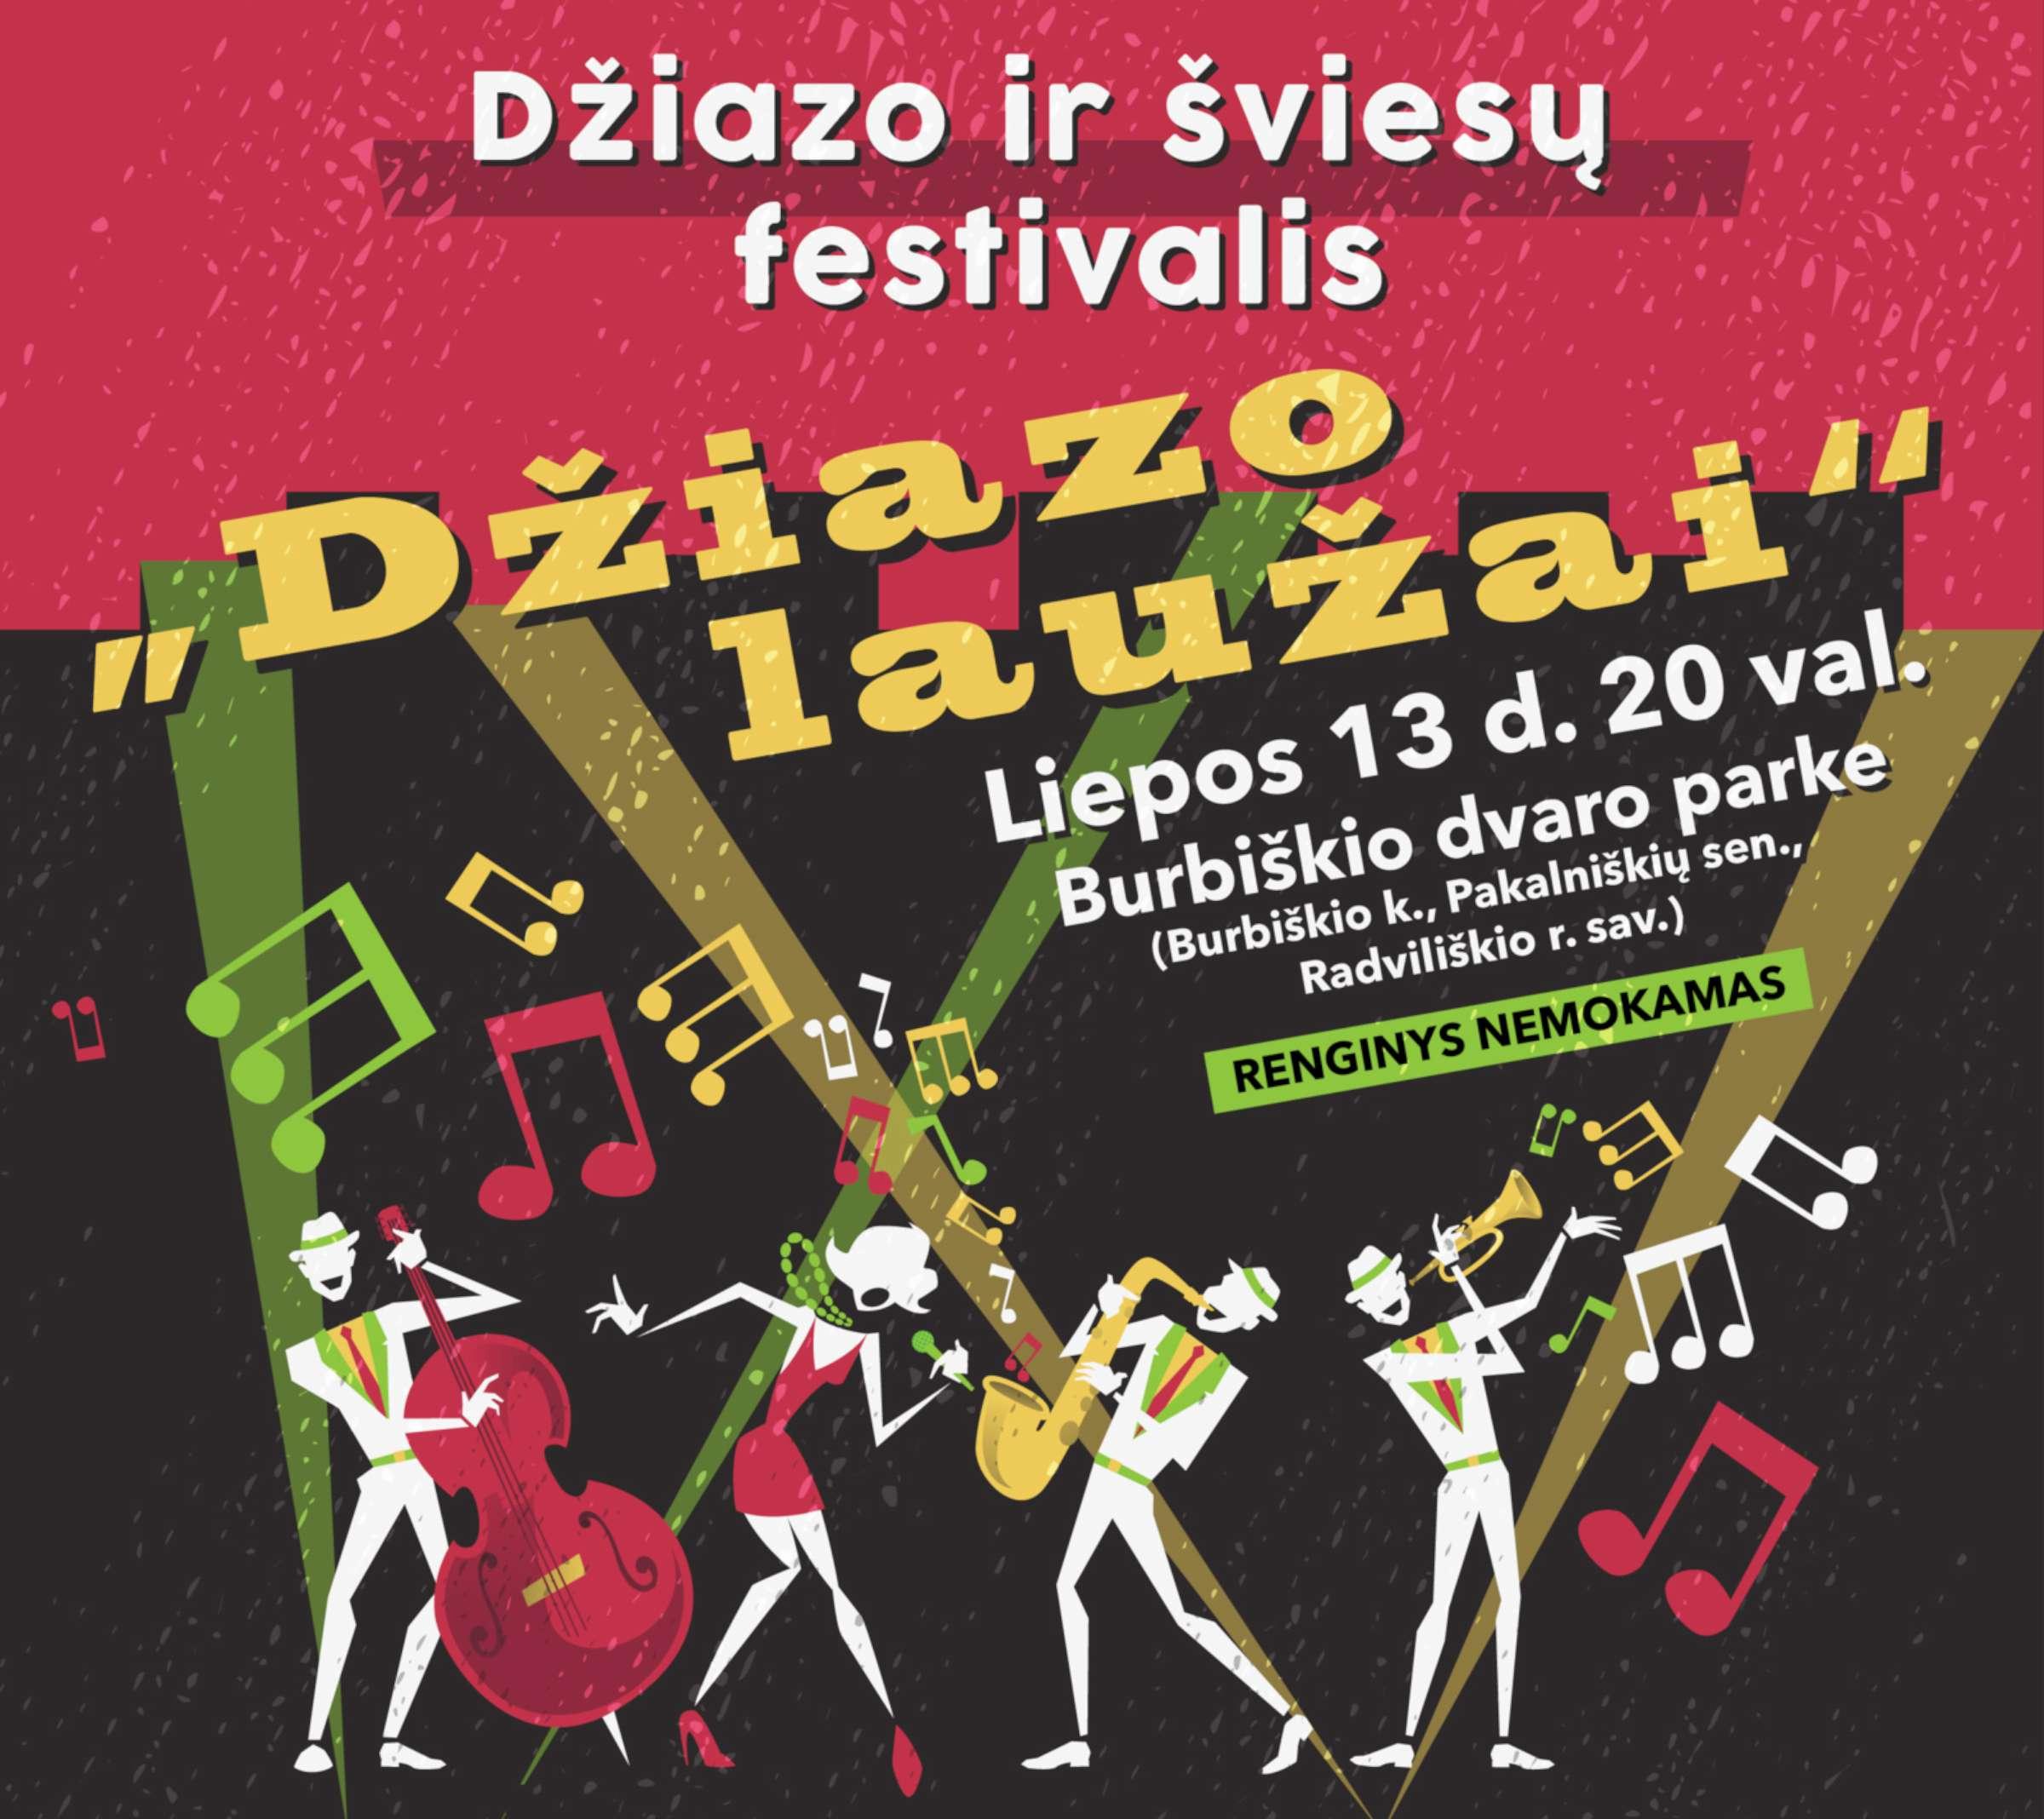 dziazolauzai-2400